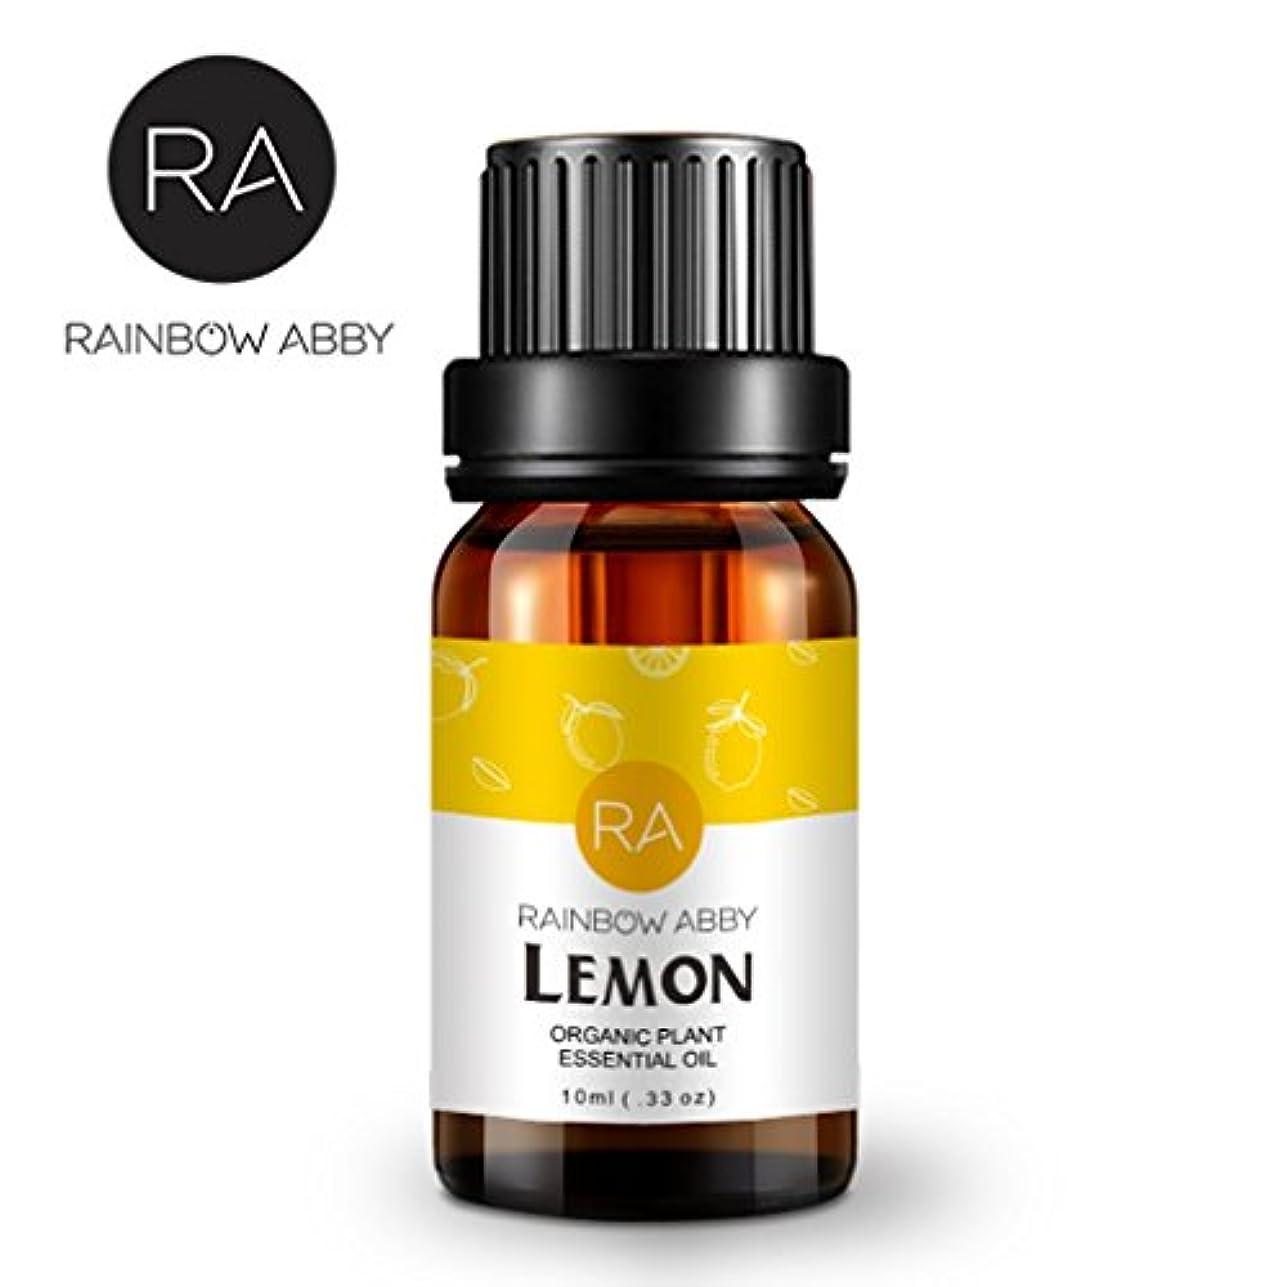 完了酸度連続したRAINBOW ABBY 精油 アロマテラピー ナウ ピュア 有機 精油 セット ディフューザー用 レモン